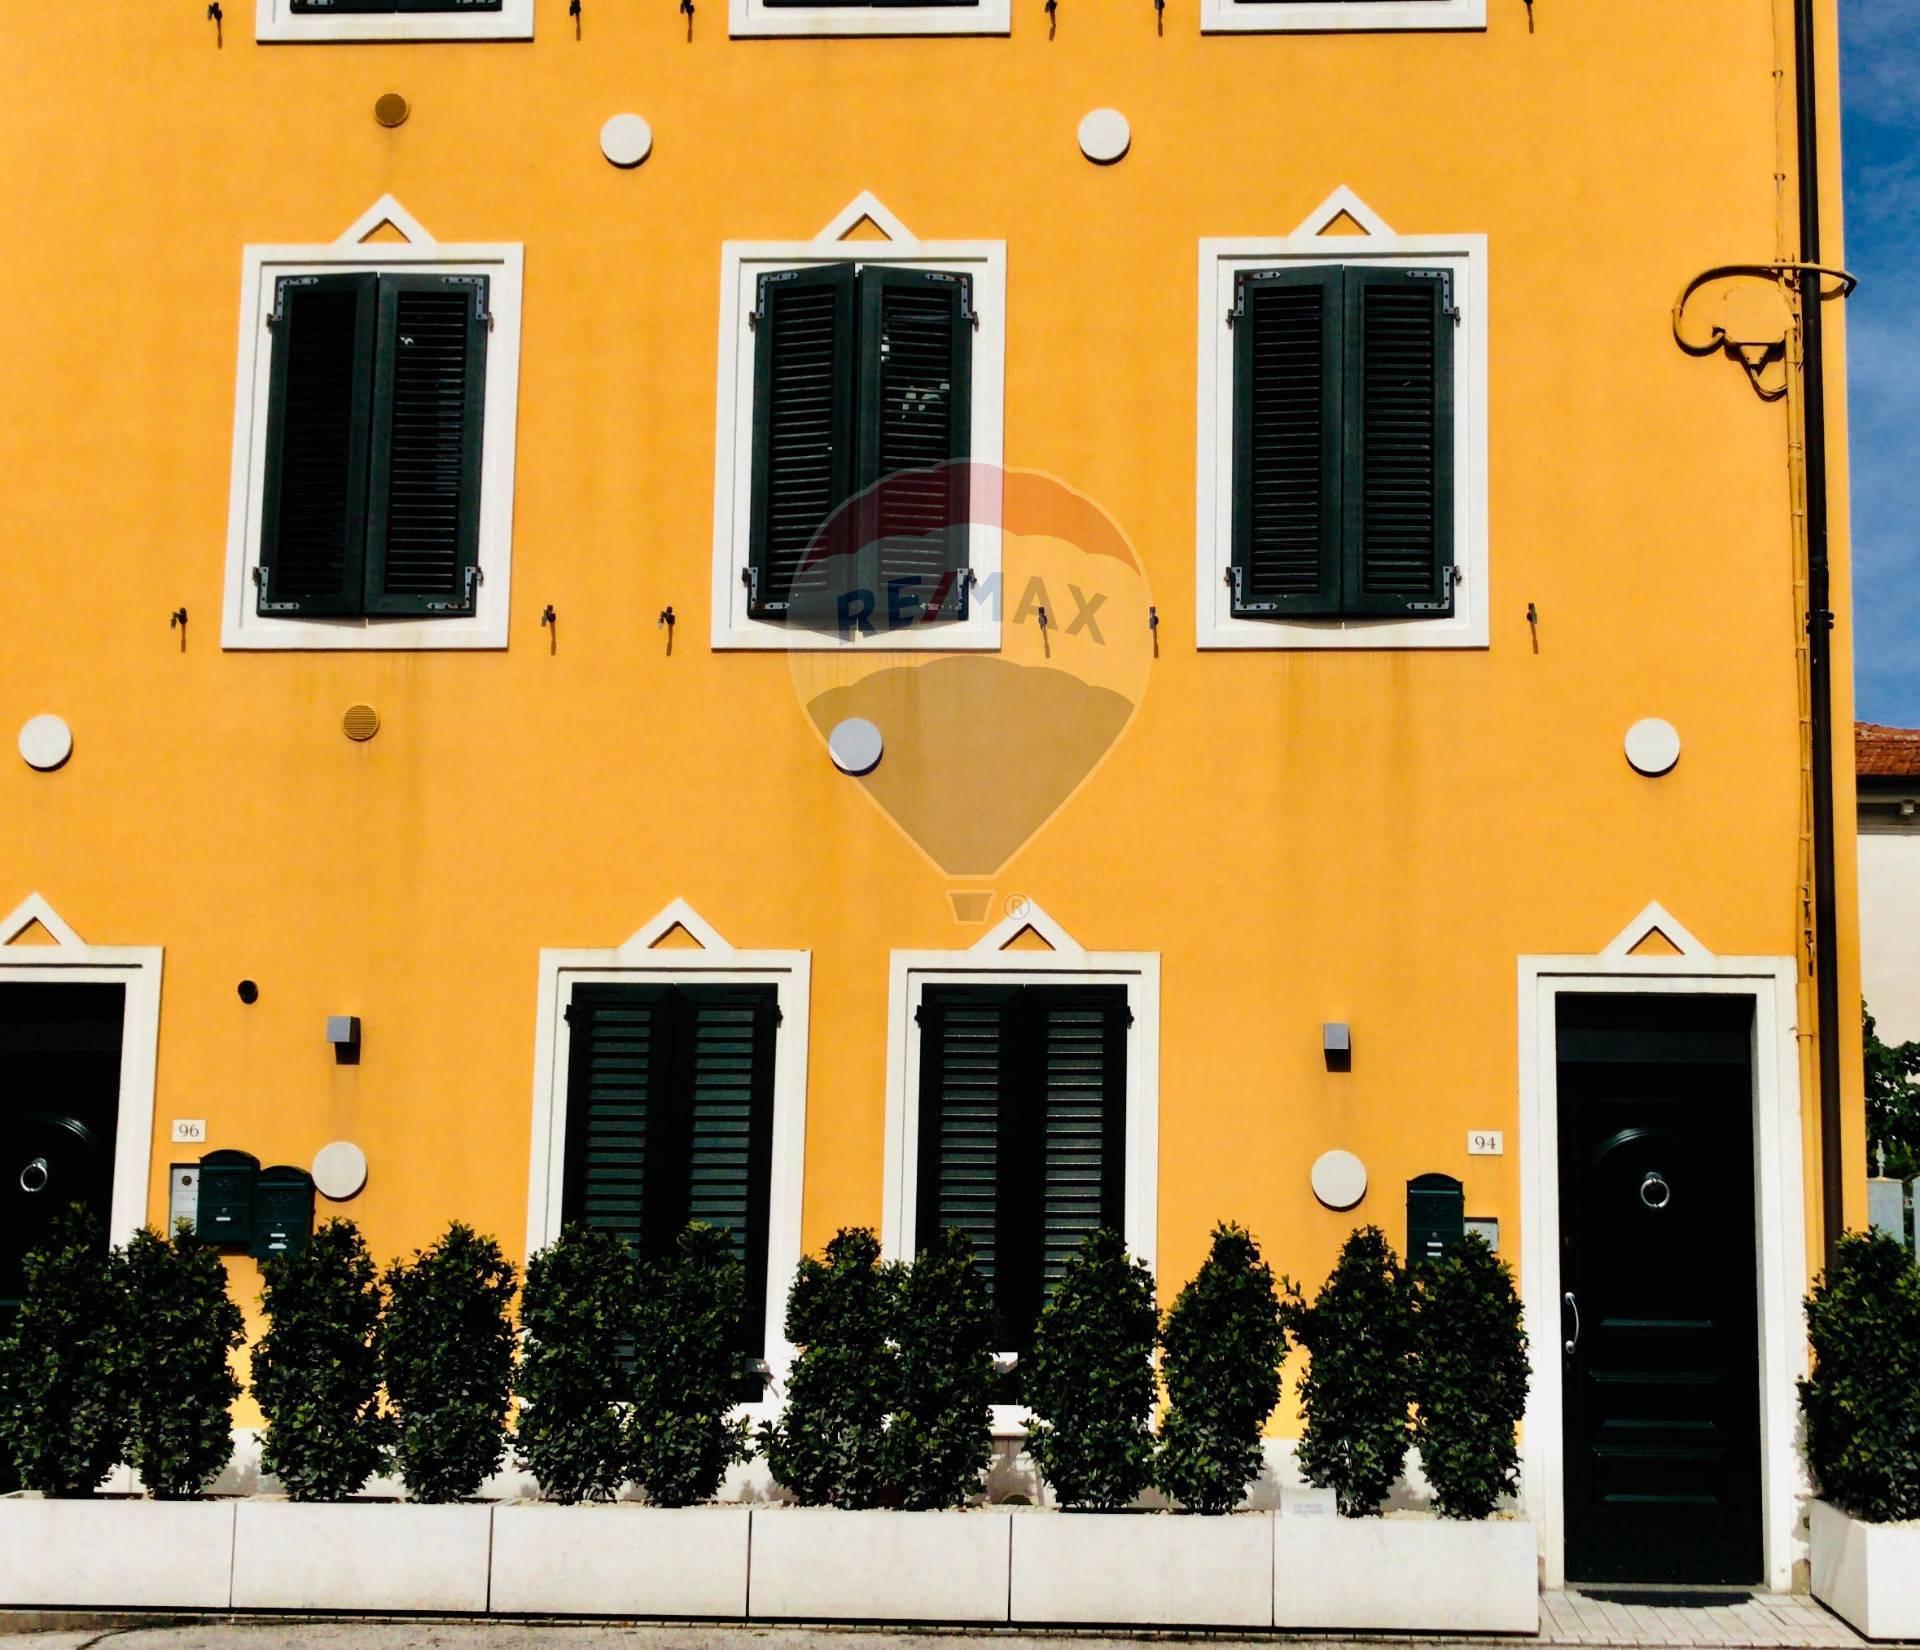 Appartamento in affitto a Potenza Picena, 2 locali, zona Località: PortoPotenzaPicena, prezzo € 500 | CambioCasa.it